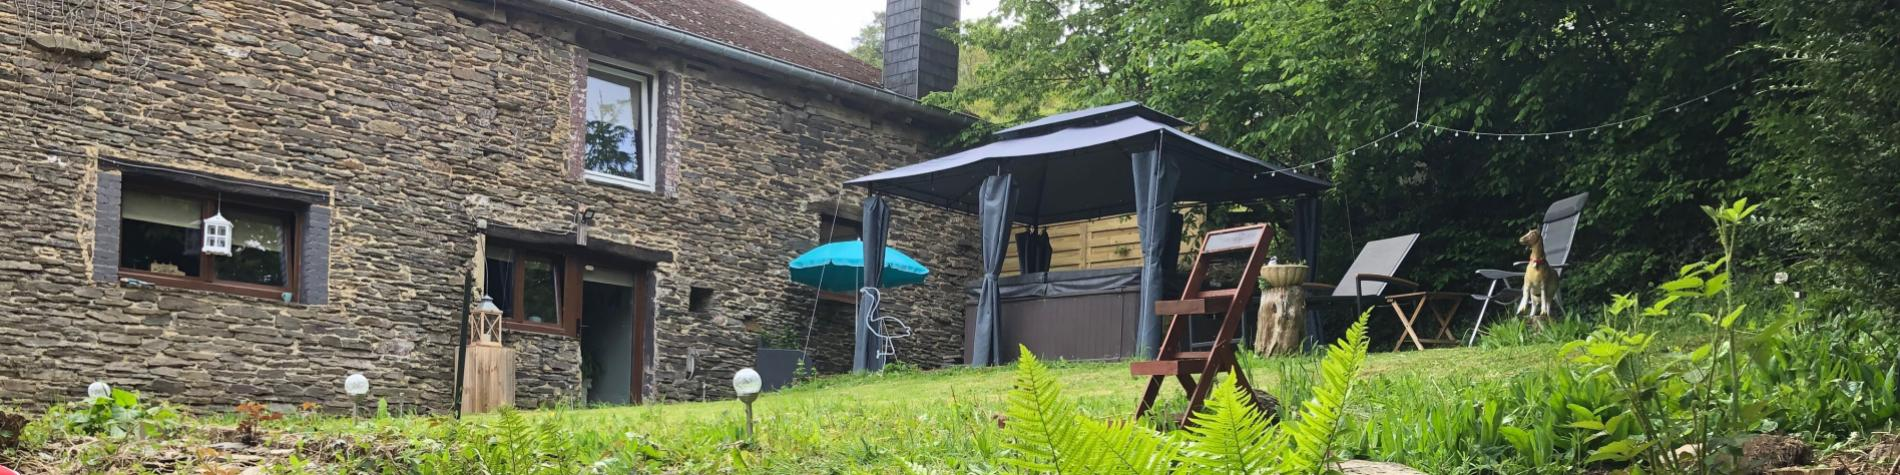 Vue panoramique de l'extérieur du gîte B&B Bourgeoisie à Frahan-sur-Semois